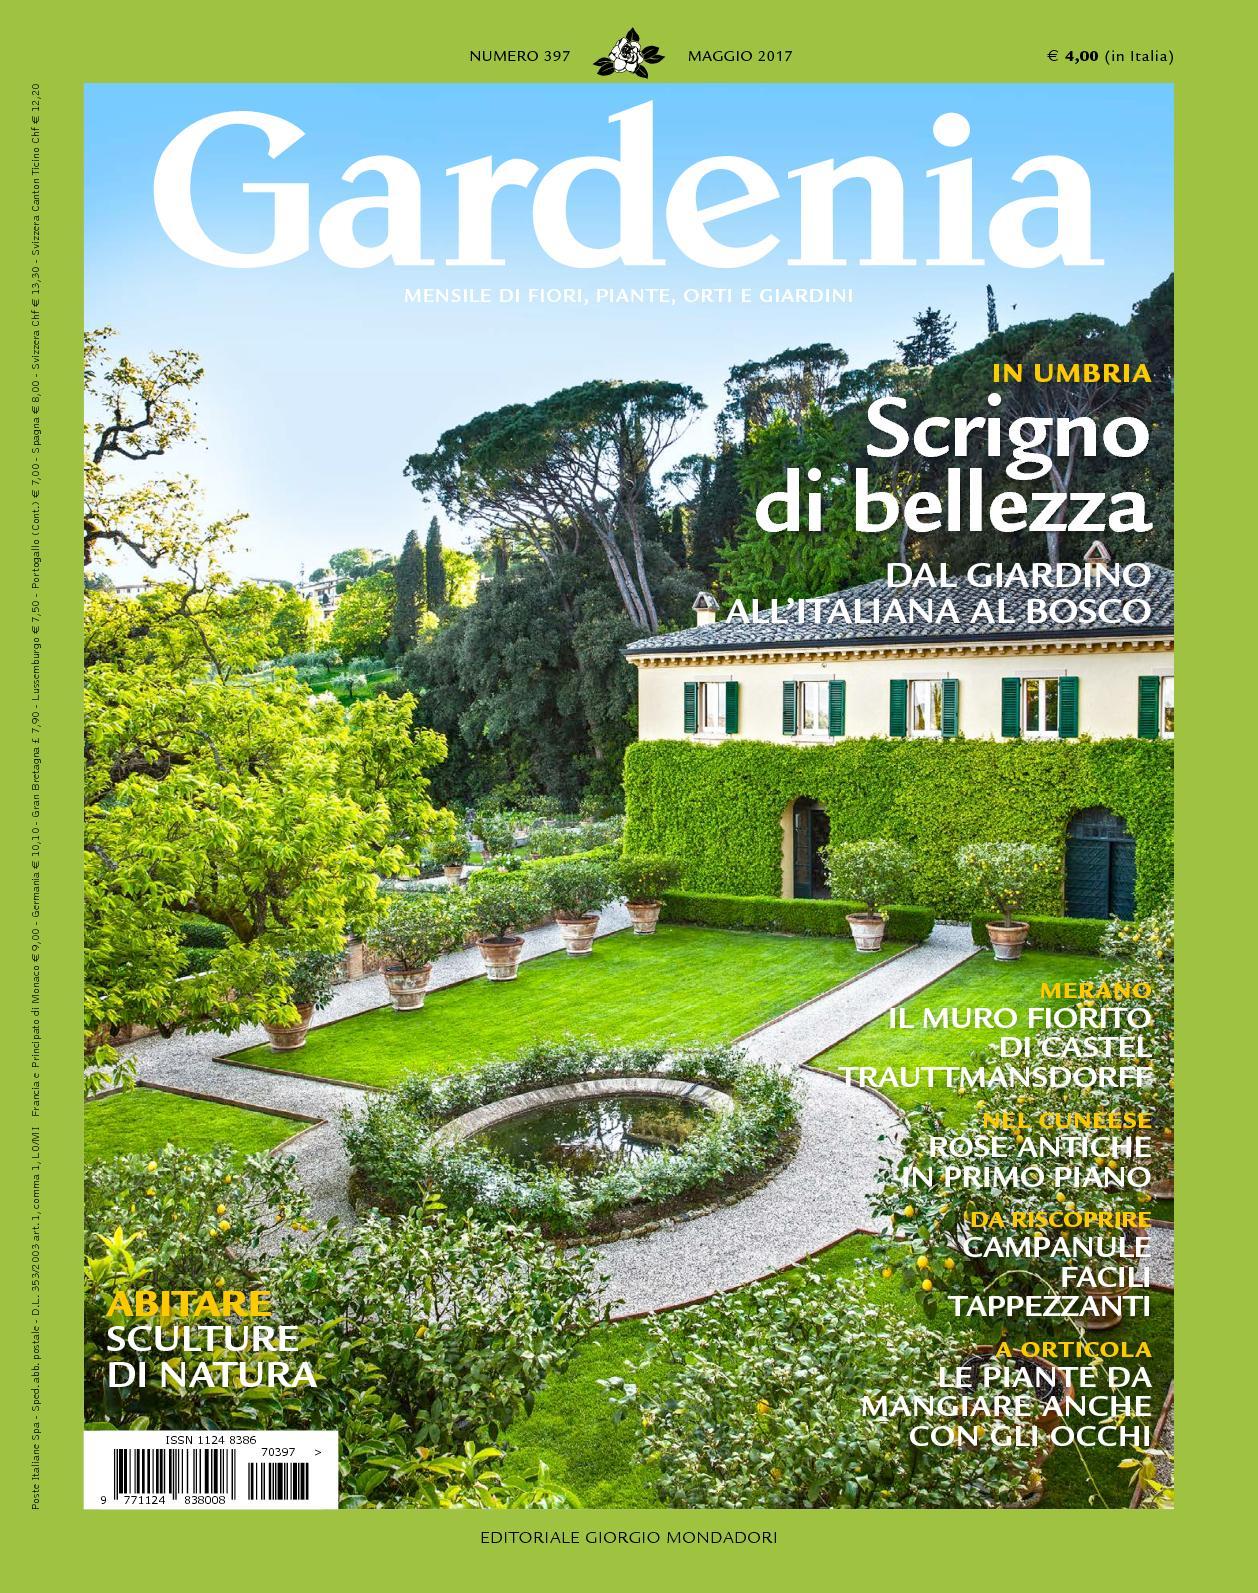 Calaméo - Gardenia 2017 1120fefd5f51